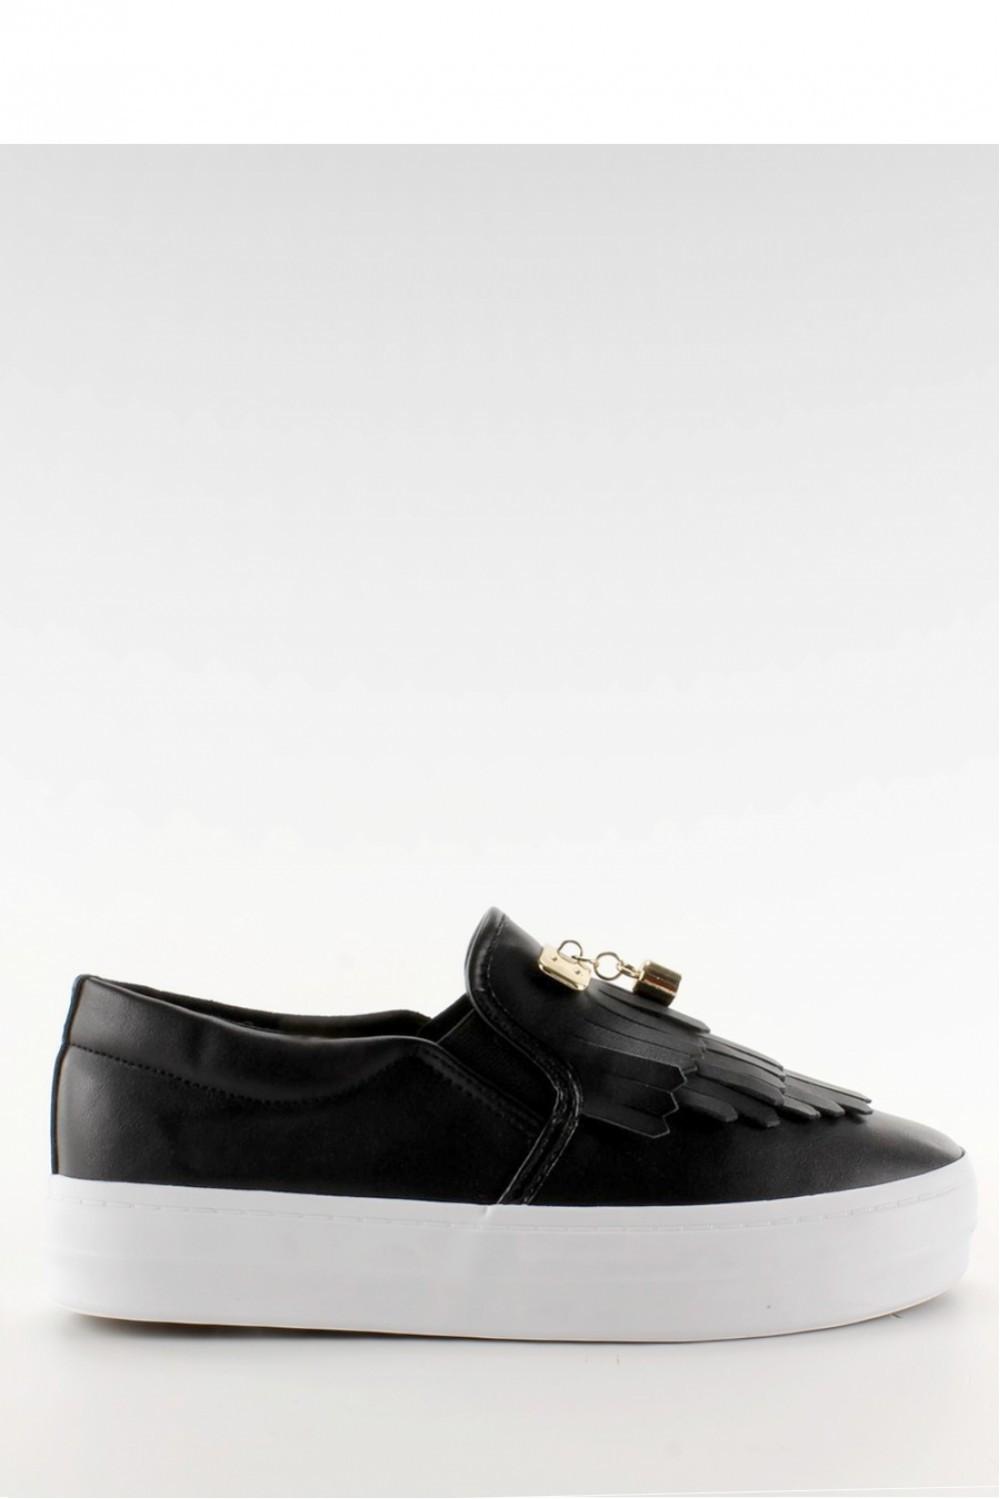 Černé tenisky slip on A-25 - Fashion Boty Barva: černá, Velikost: 38